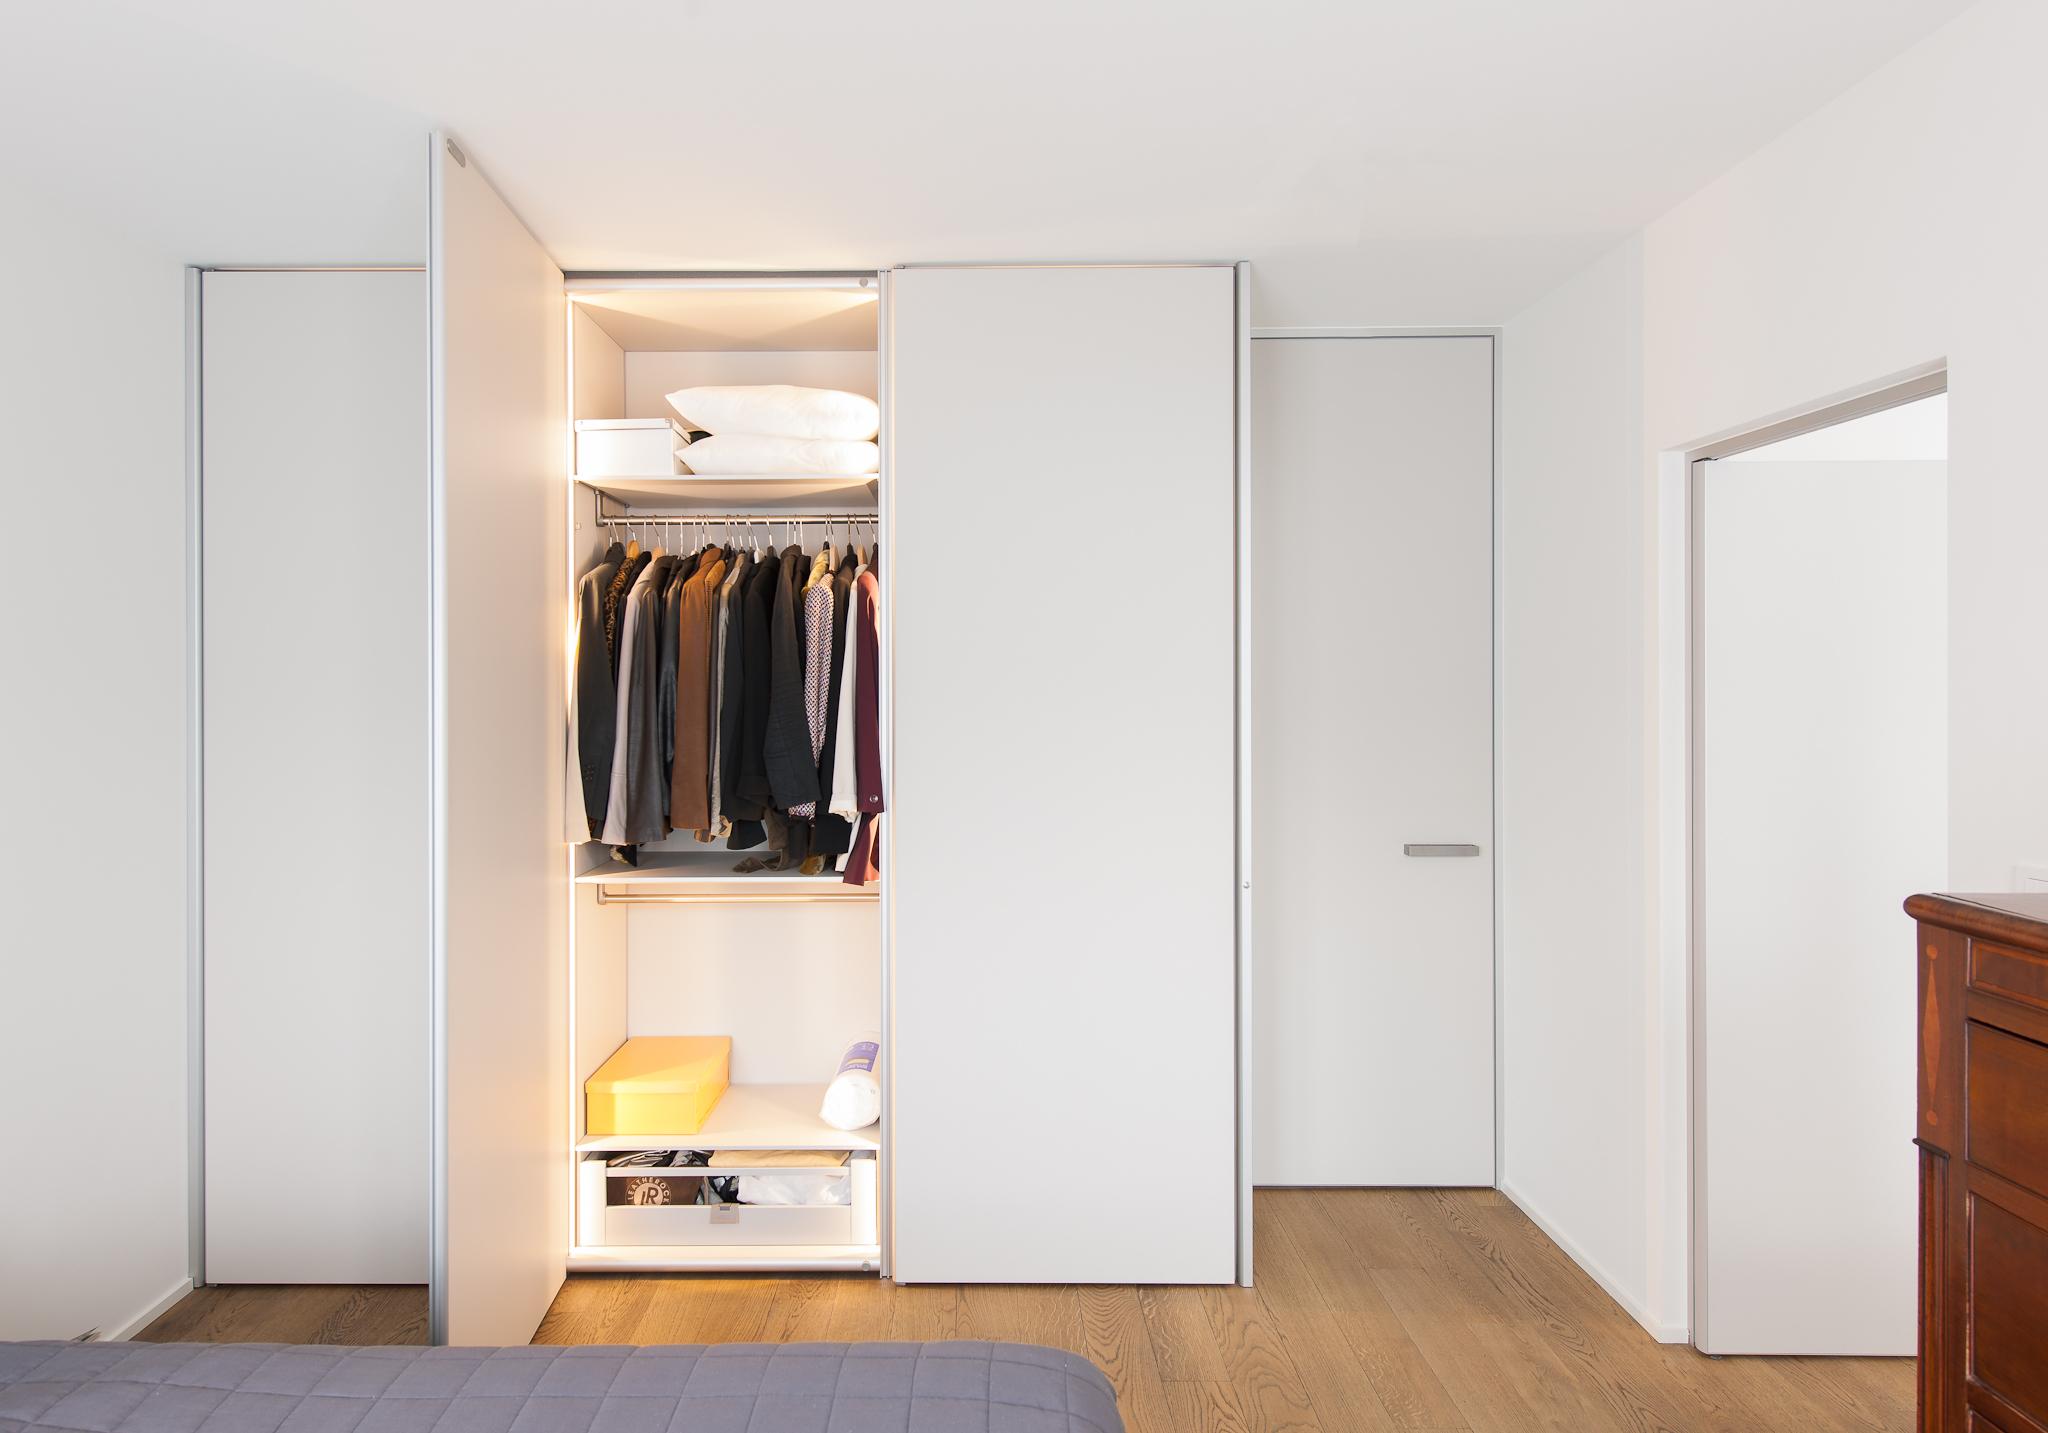 Praktische tips uw dressing functioneel inrichten anyway doors blog - Foto moderne dressing ...